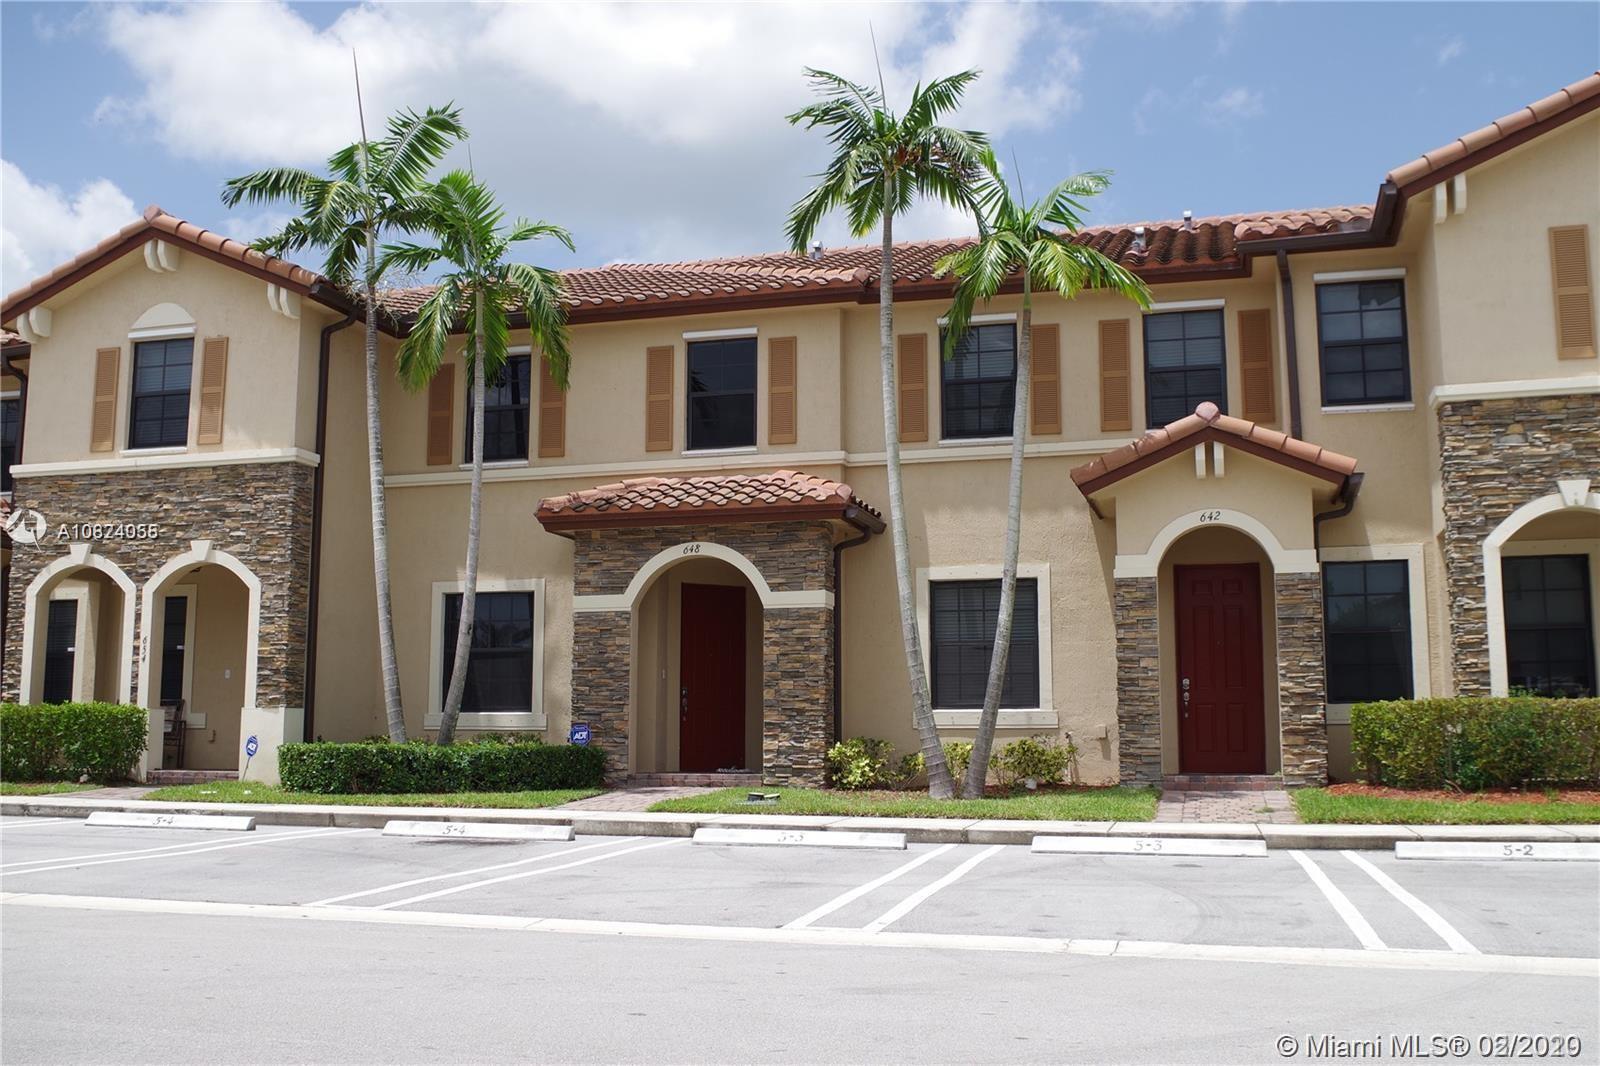 648 SE 32nd Ave #648, Homestead, FL 33033 - Homestead, FL real estate listing